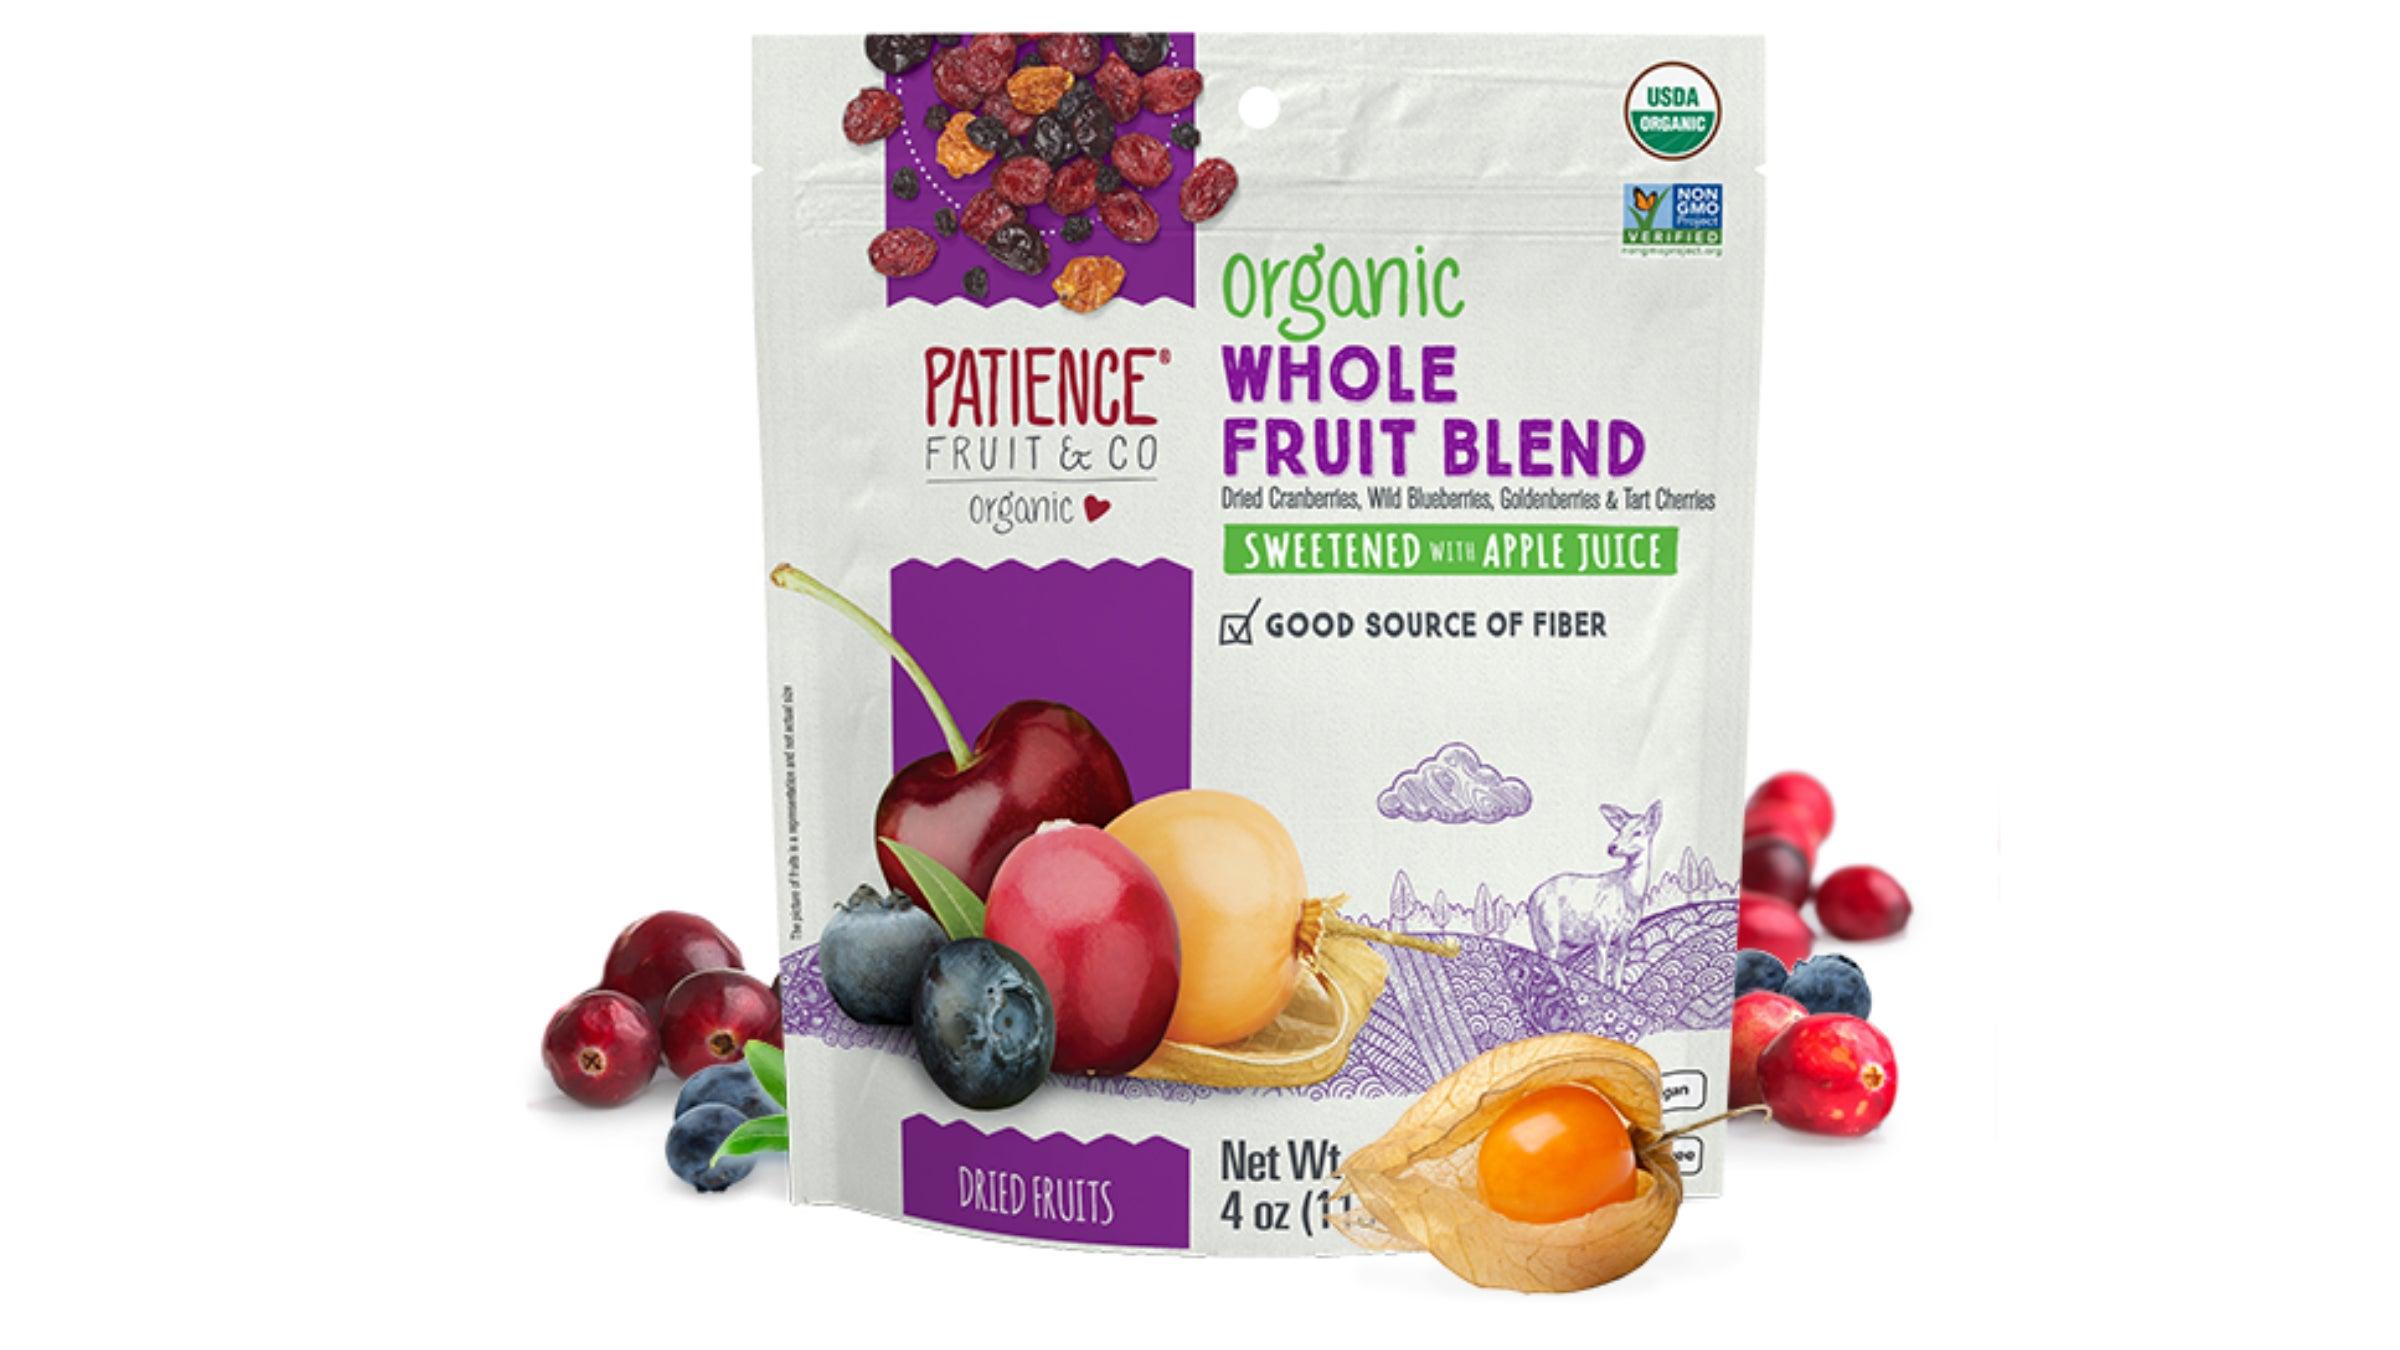 Patience Fruit &Co. Whole Fruit Blend